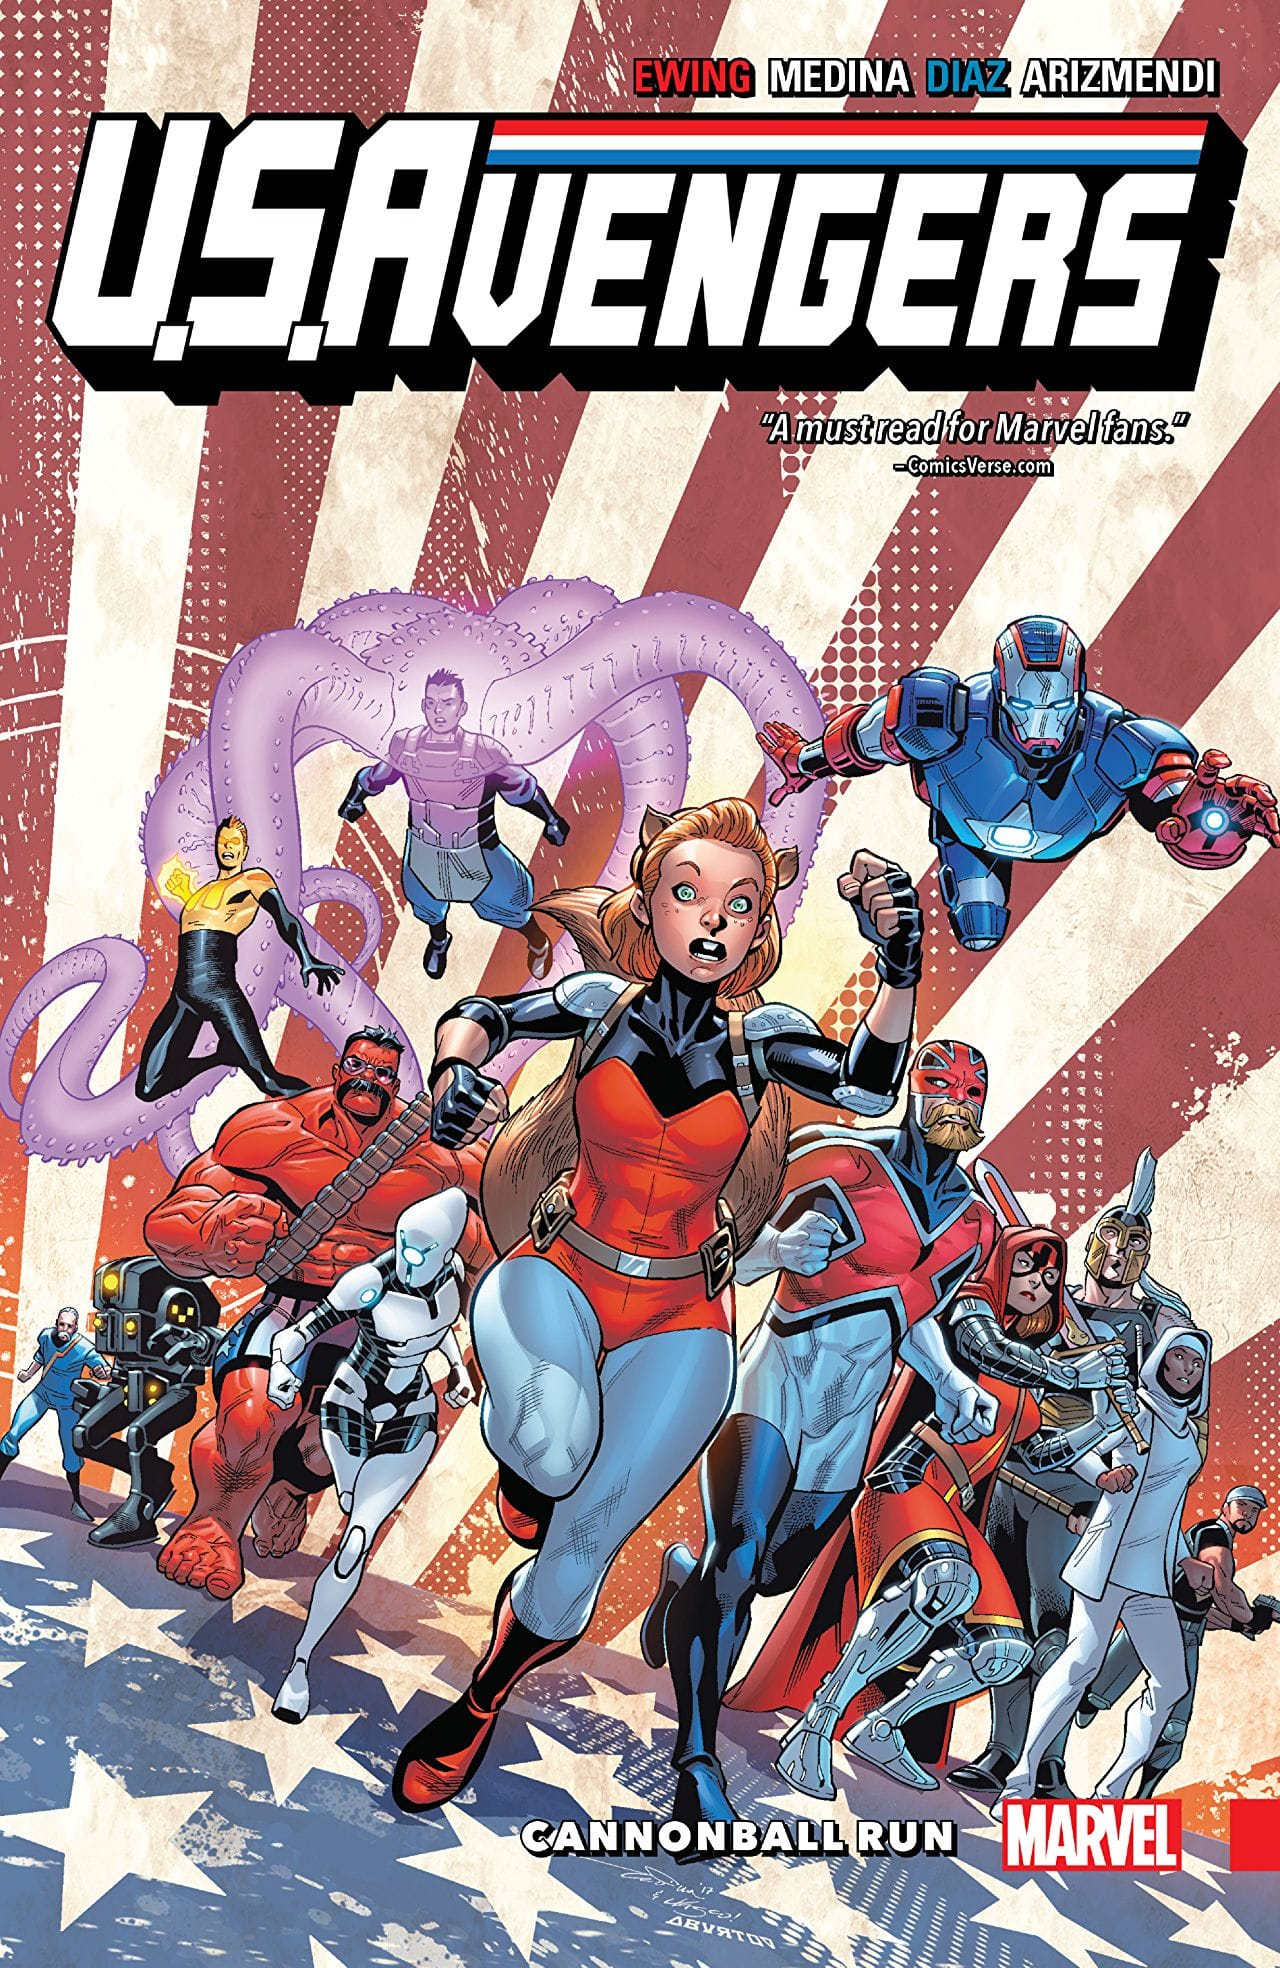 'U.S.Avengers Vol. 2: Cannonball Run' is a fun, unpredictable read